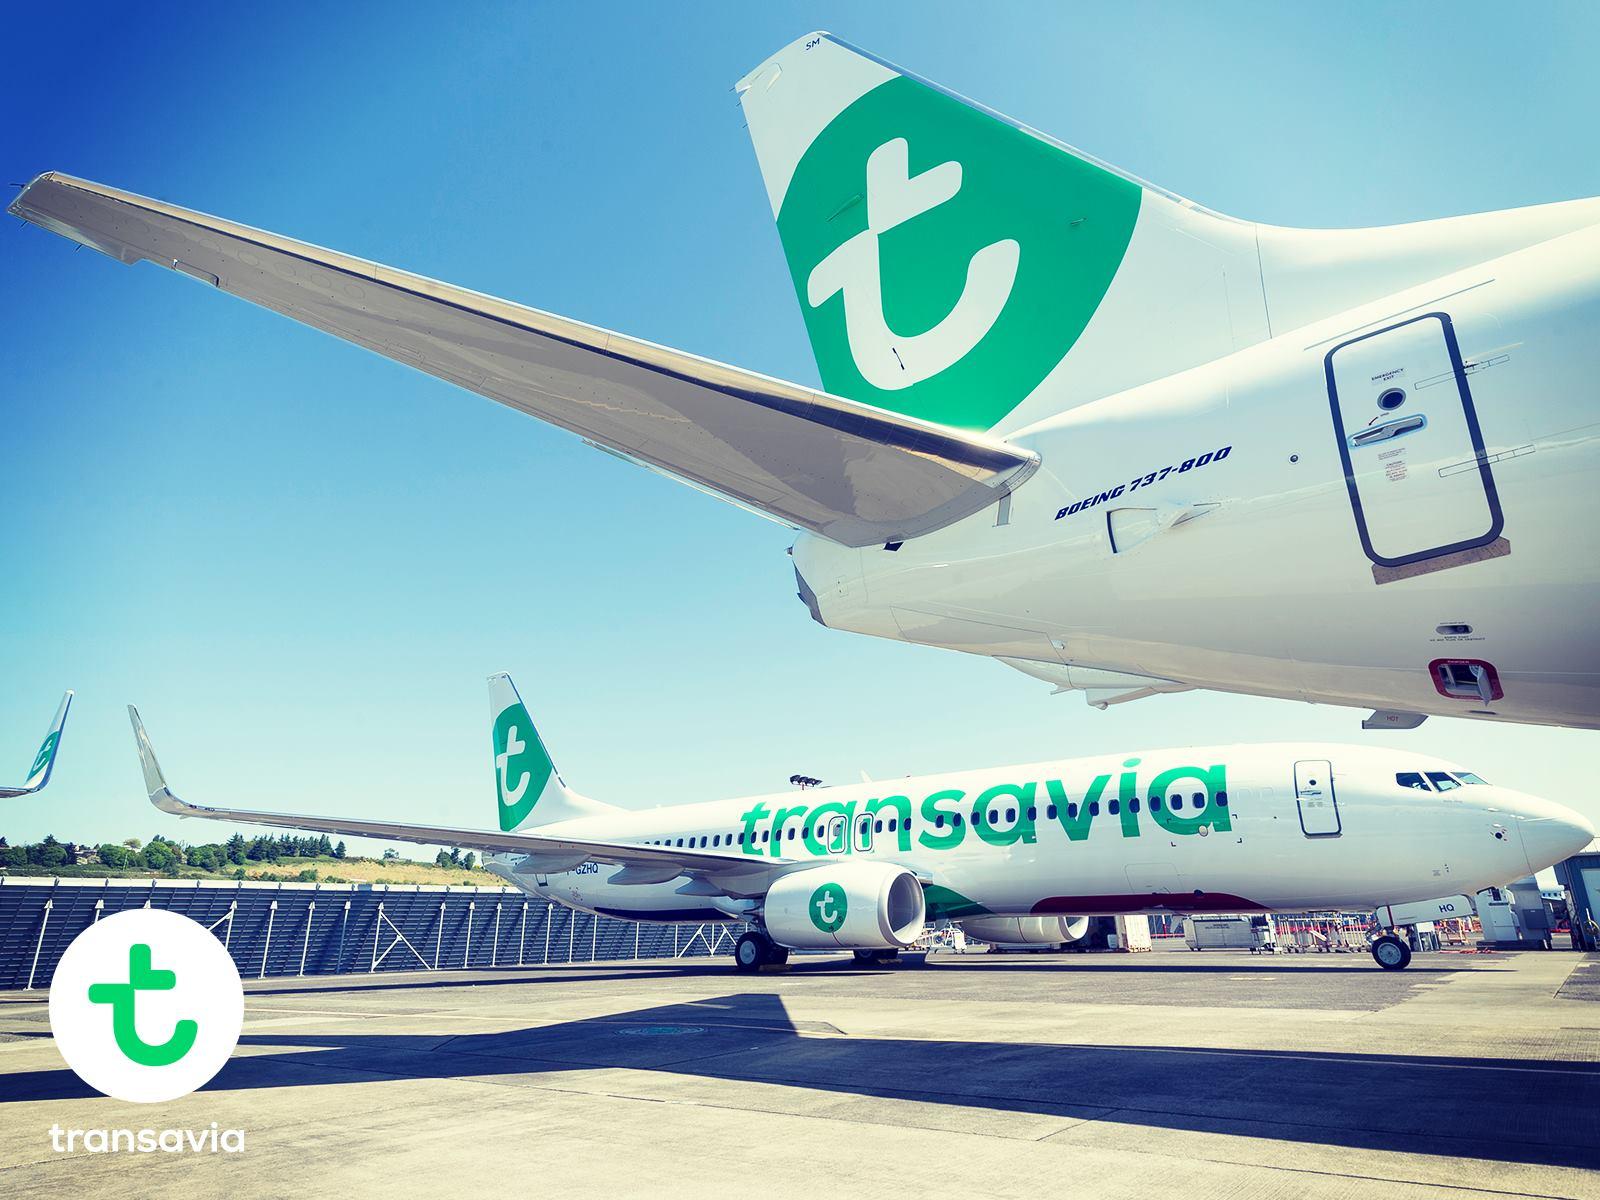 ภาพจาก Facebook Transavia